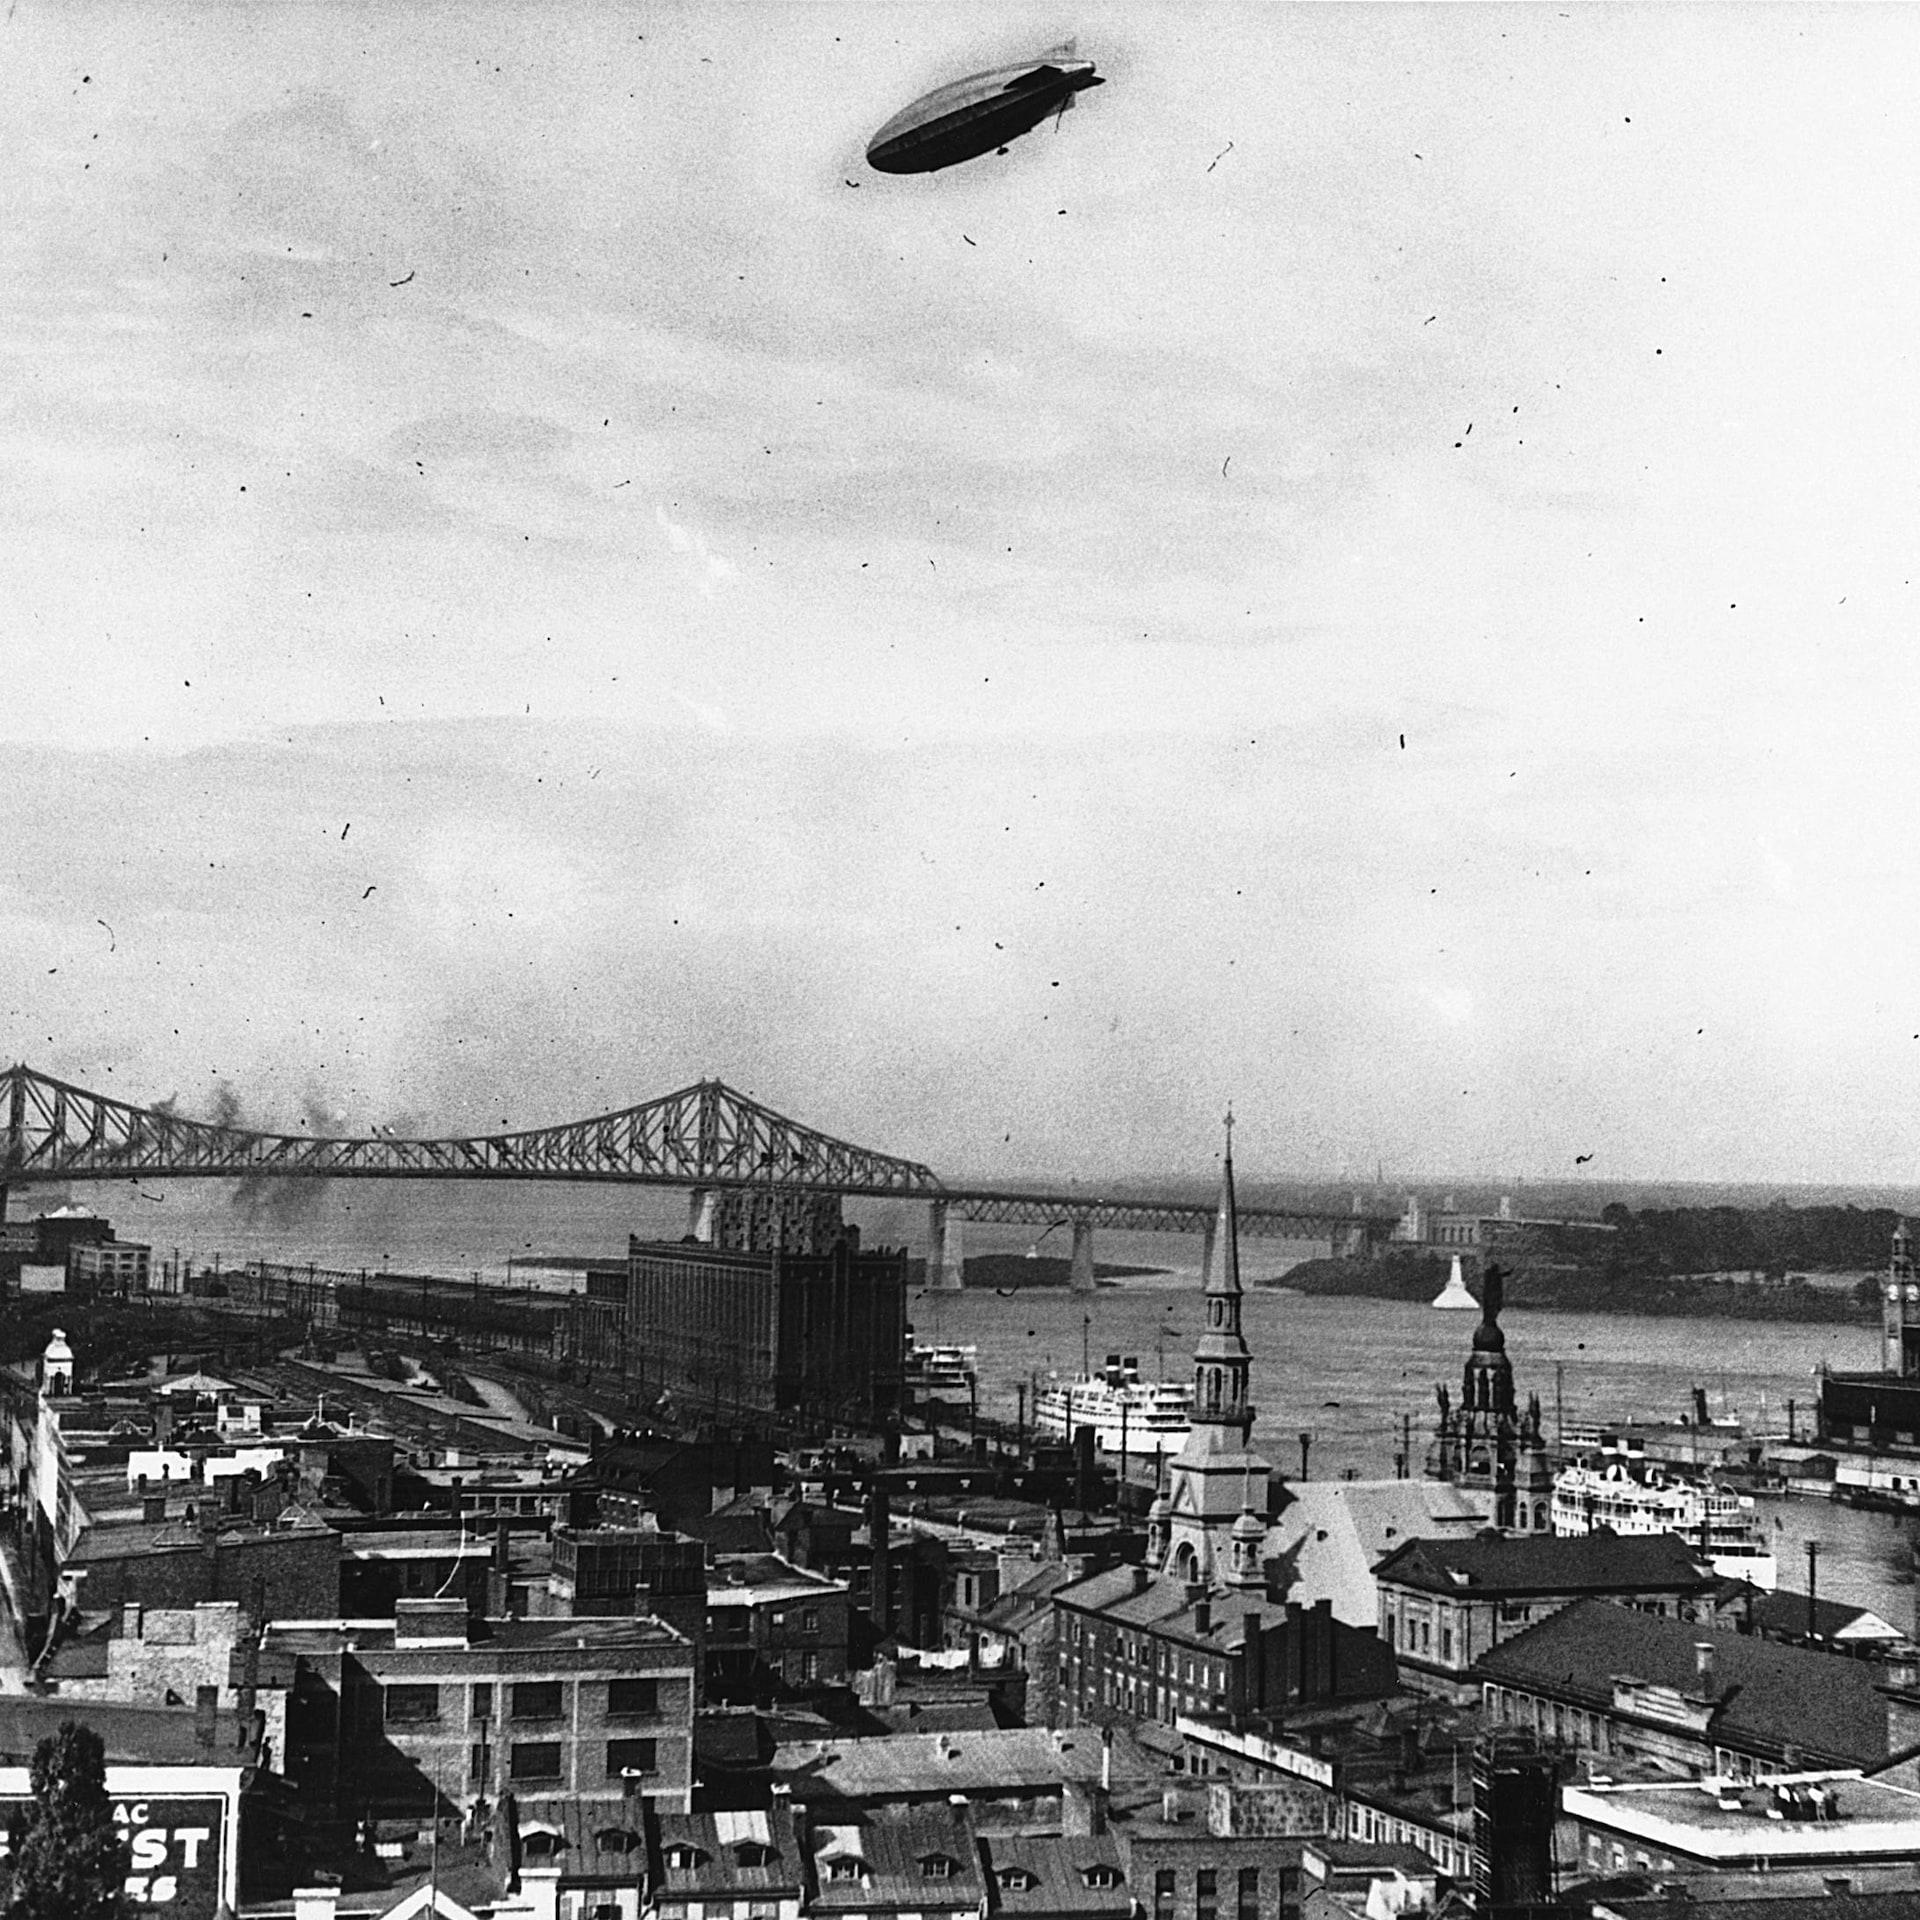 Le R-100 semble petit dans le ciel de Montréal, qui se déploie dessous, avec en arrière-plan le pont Jacques-Cartier.